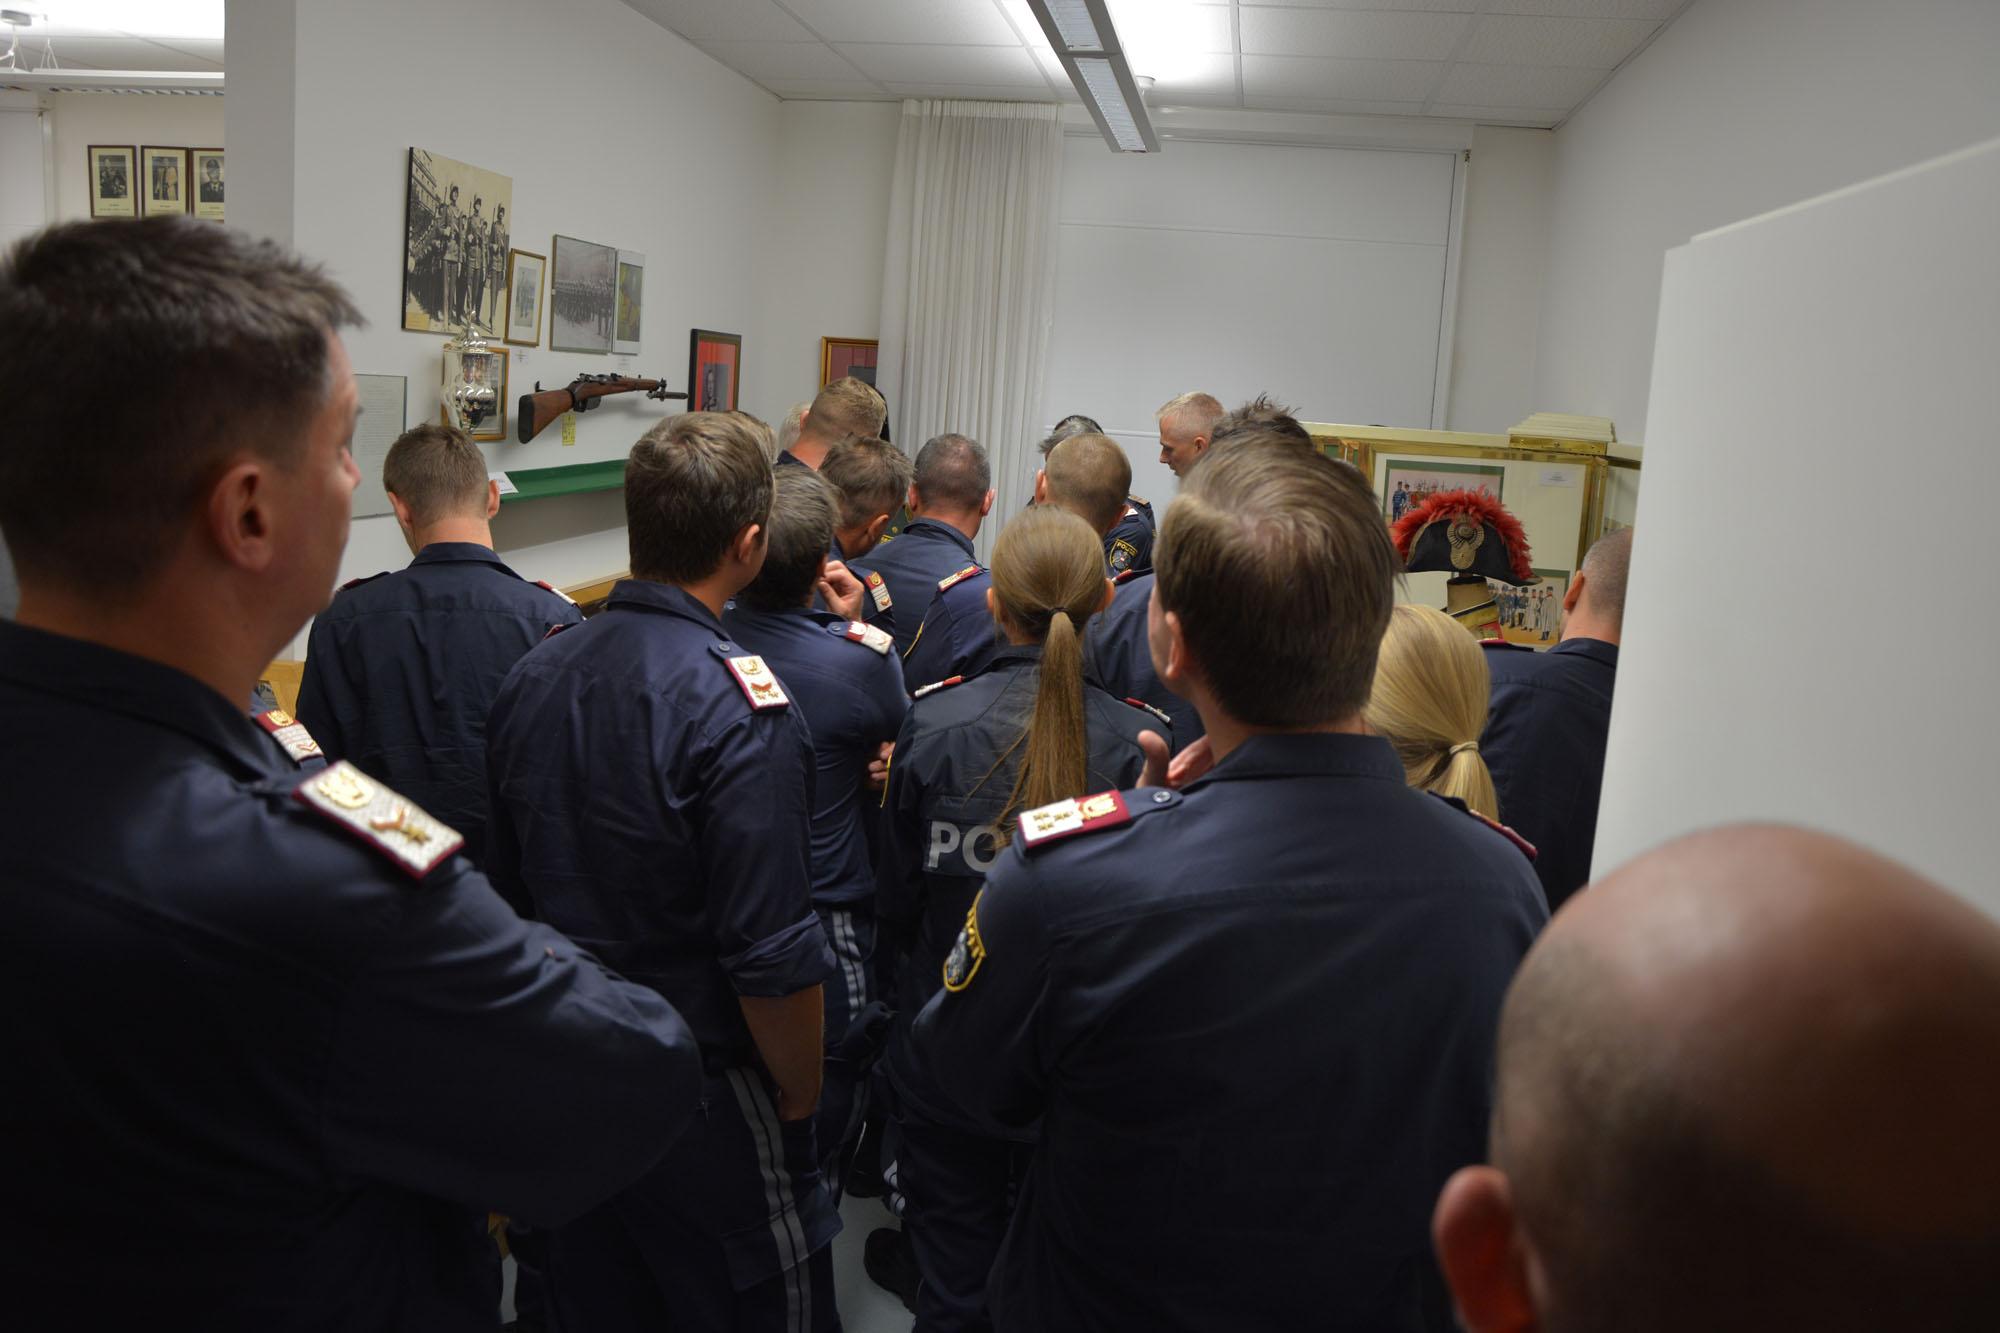 2019_09_19_Garde_Polizei_Traditionsraum-Offiziersanwärter_003